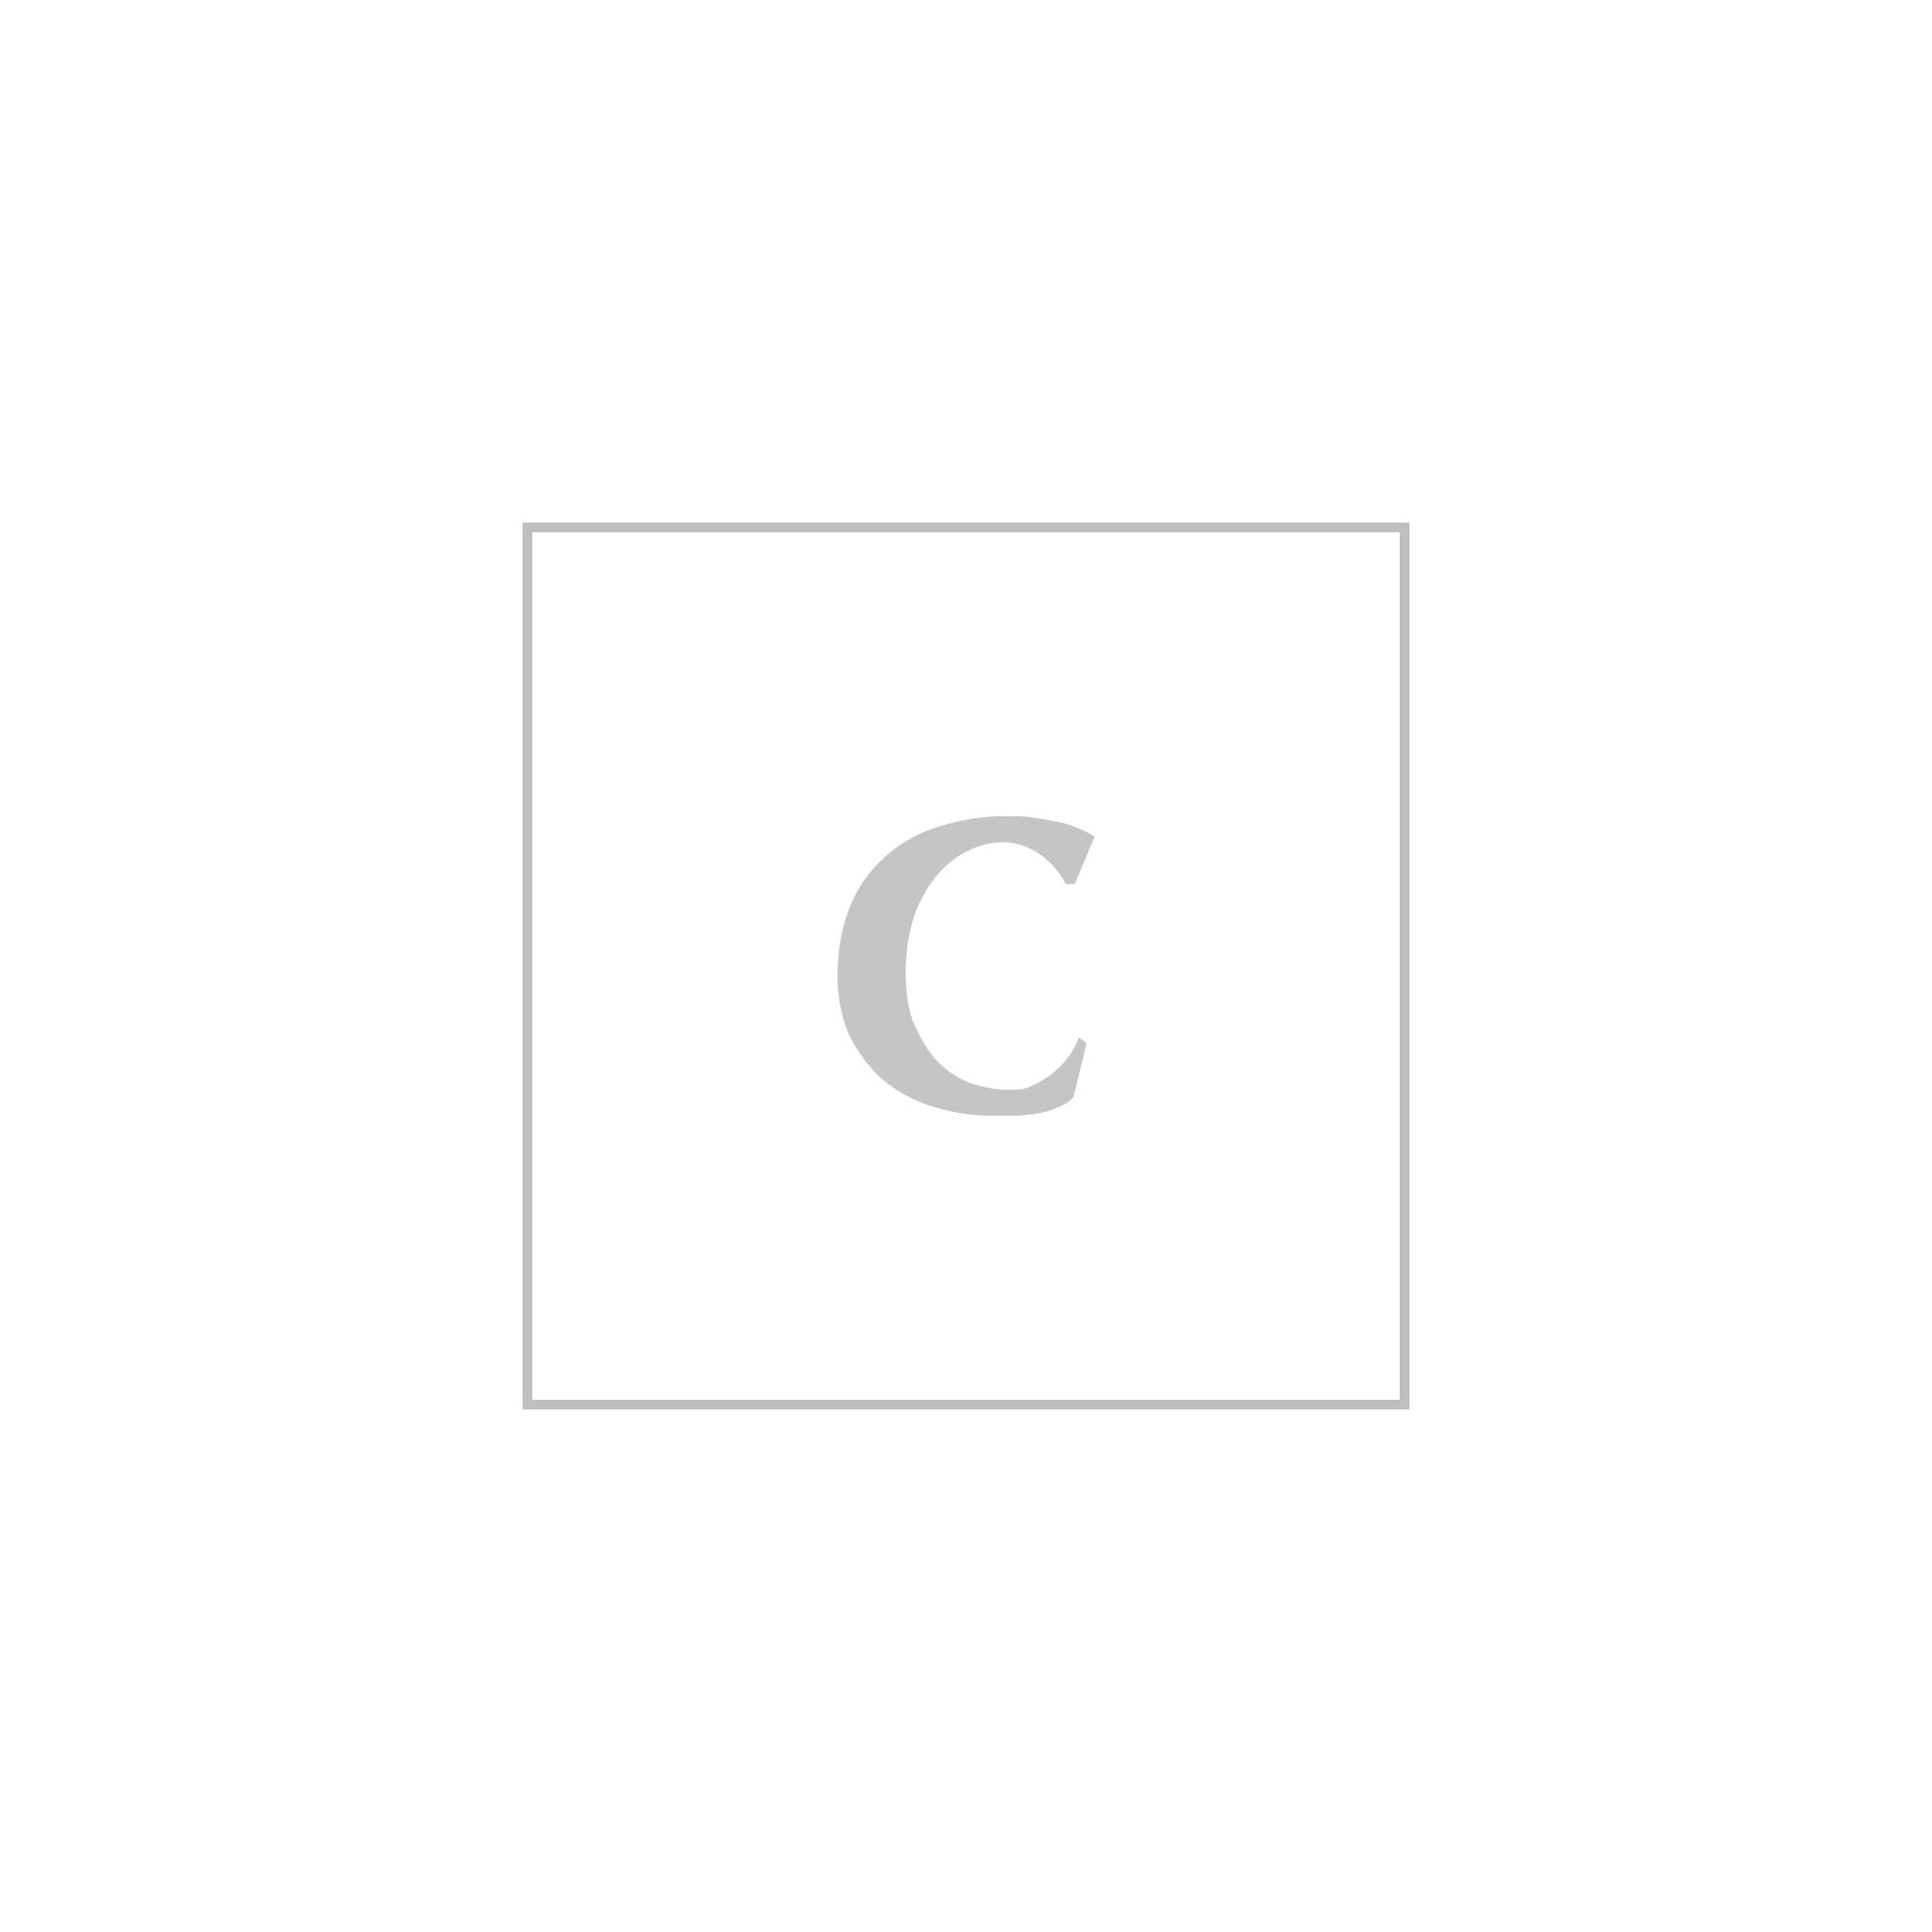 Fendi borsa messanger nylon st.cocco